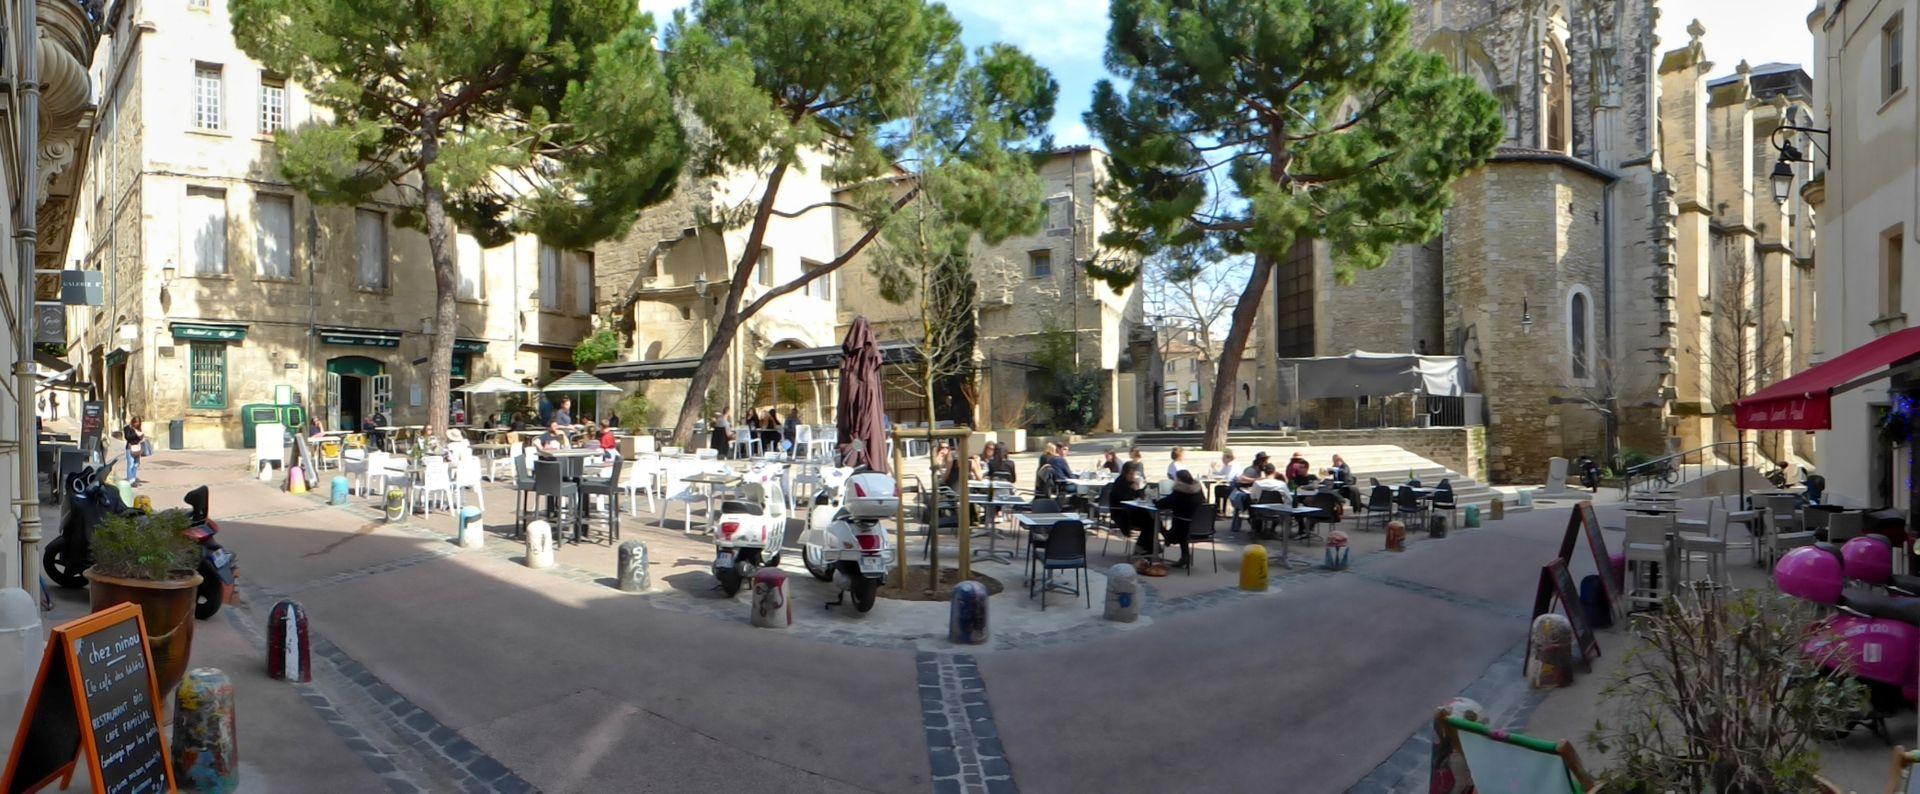 Flâner dans les ruelles de l'Ecusson et le Quartier Saint-Roch à Montpellier ©Eric Brendle